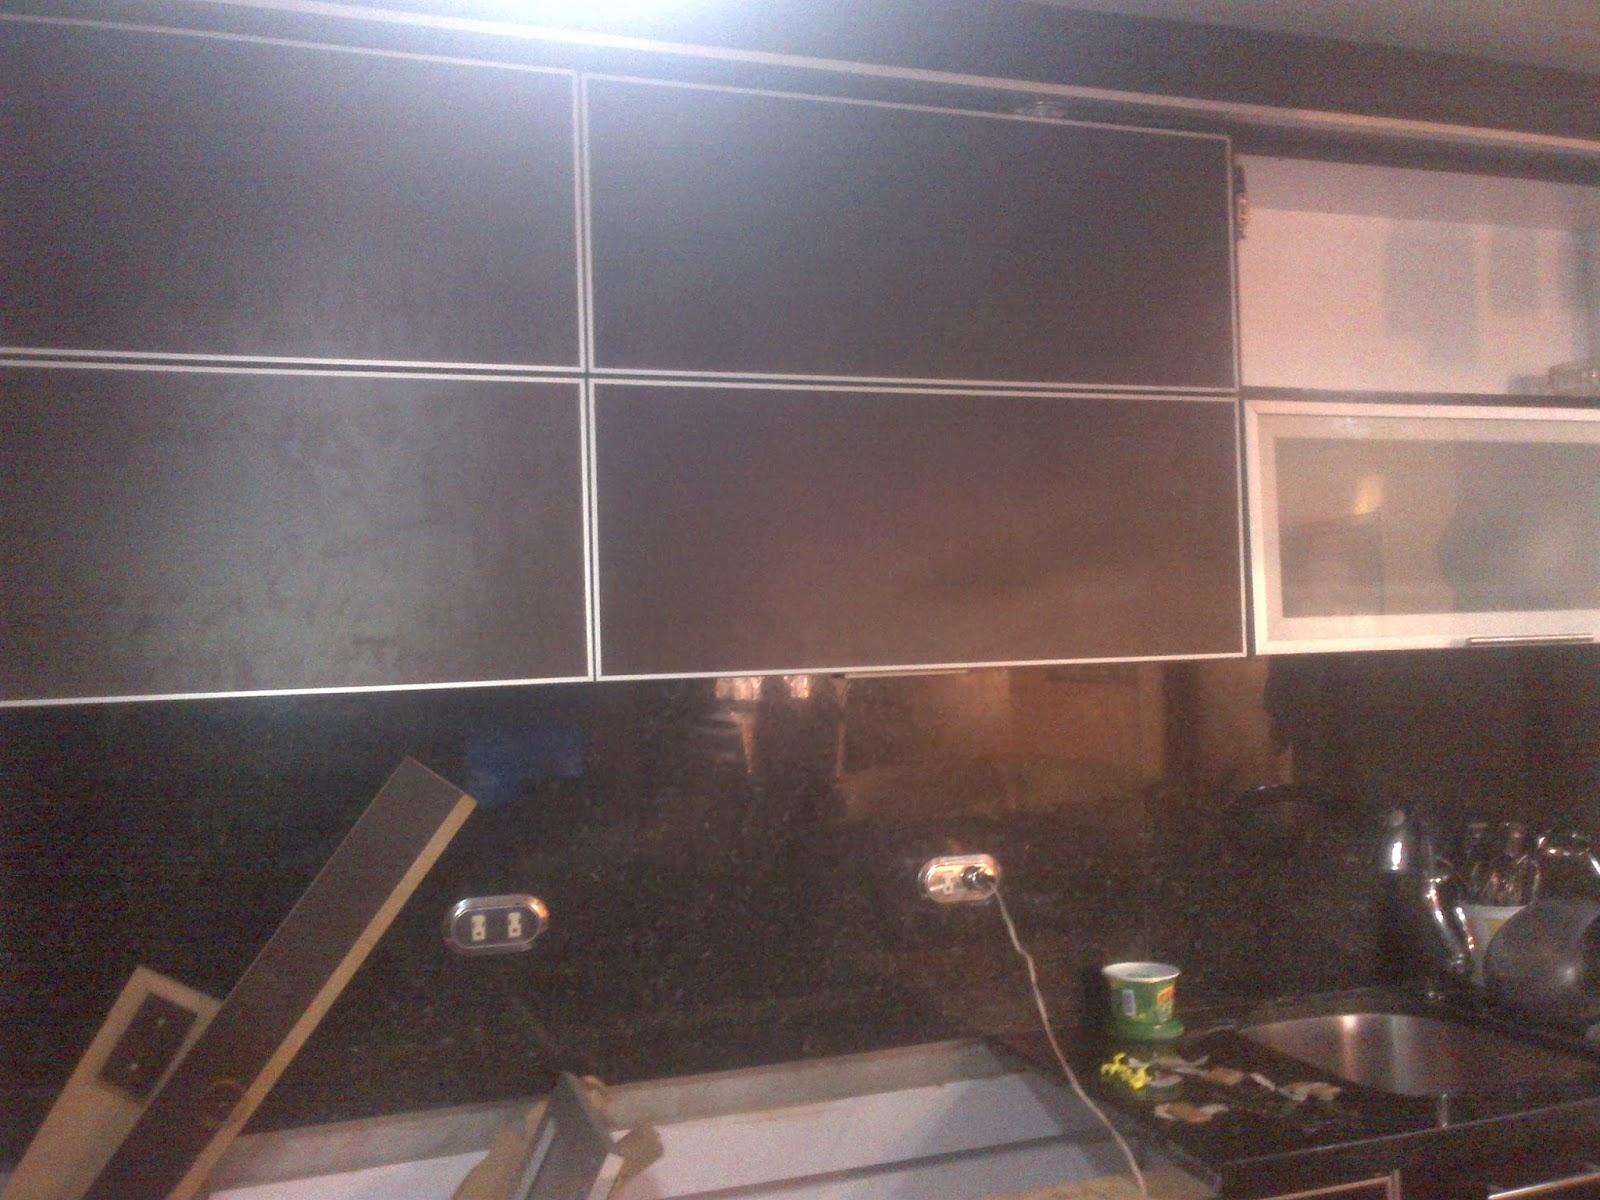 Nuova cucine cocina wenngue puertas cantonera de - Puertas de aluminio para cocinas ...